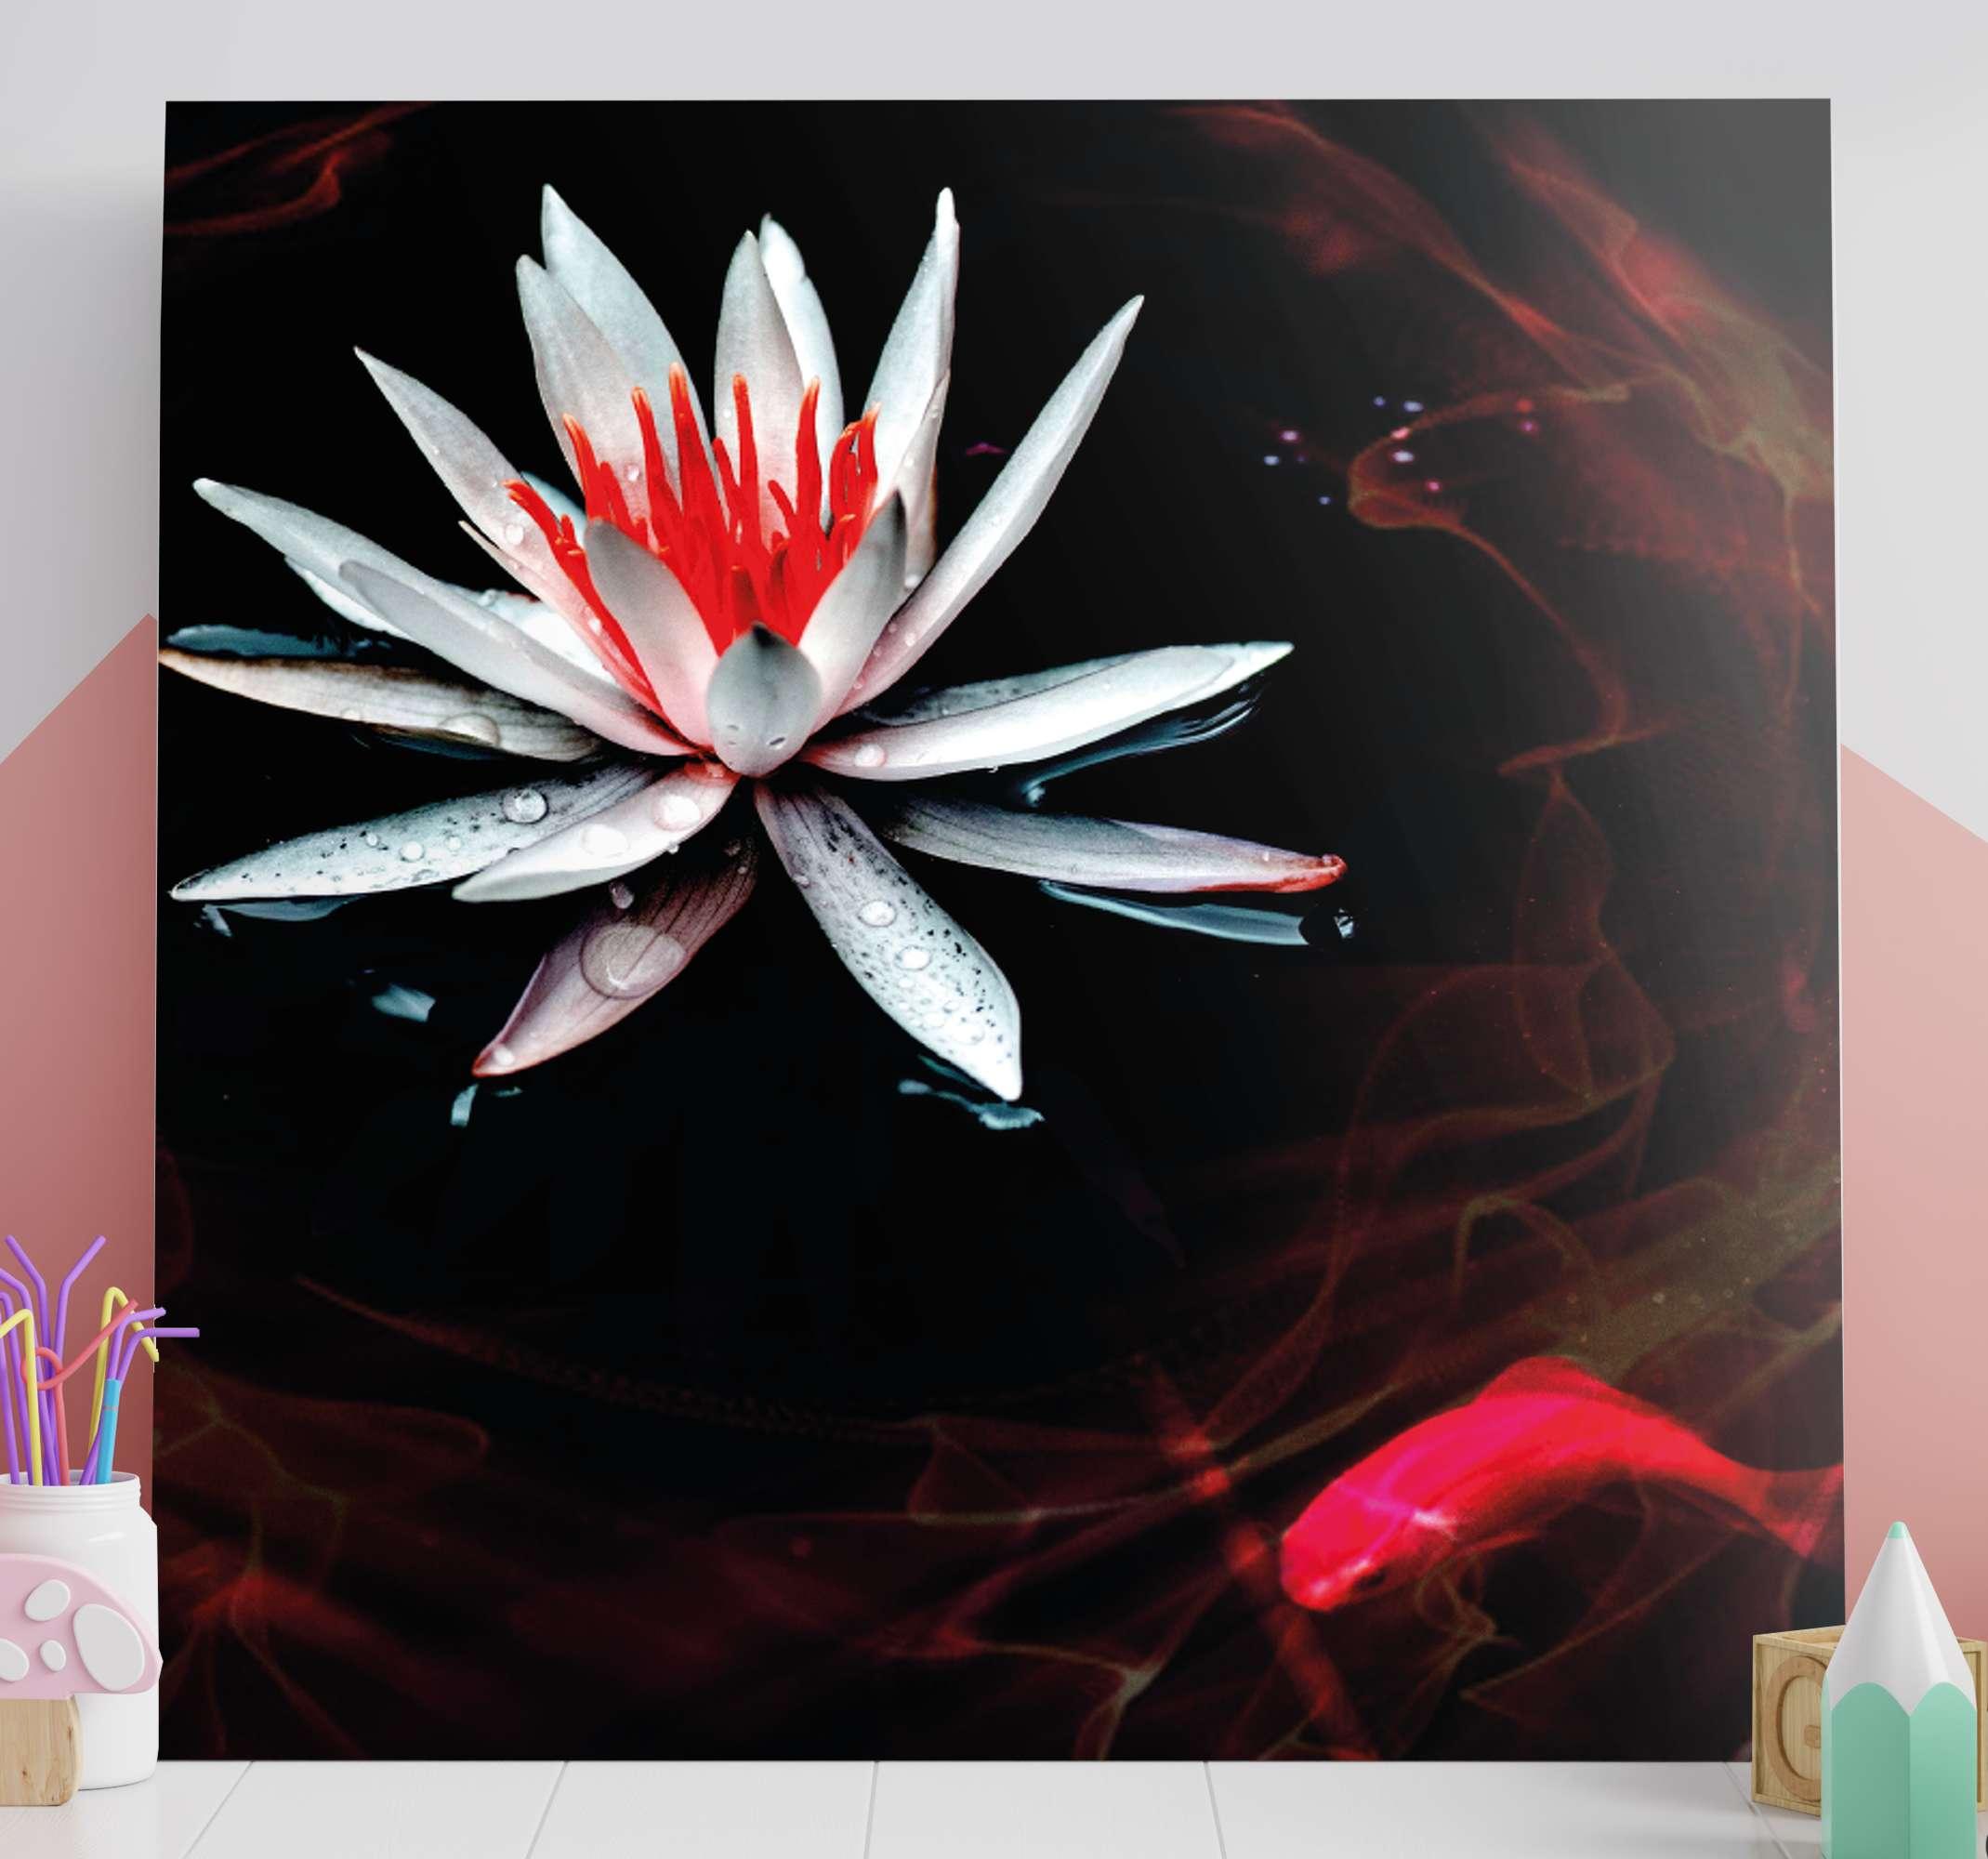 TenStickers. 禅宗风格禅宗画布墙艺术. 禅风格的画布墙艺术,为您的家居装饰。帆布,使您的房屋看起来格外优雅。高质量印刷。